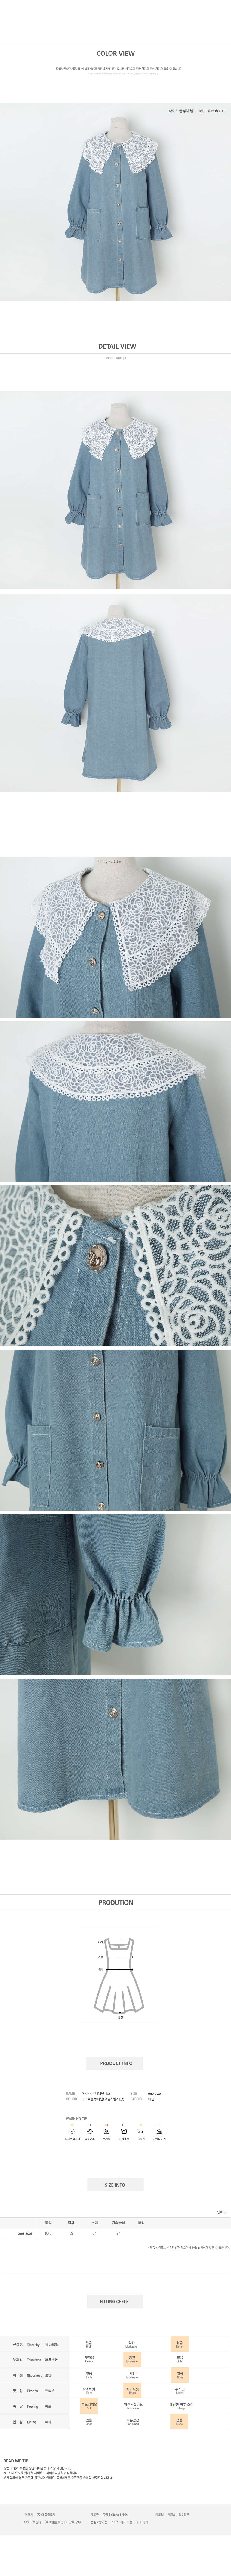 Humming collar denim dress